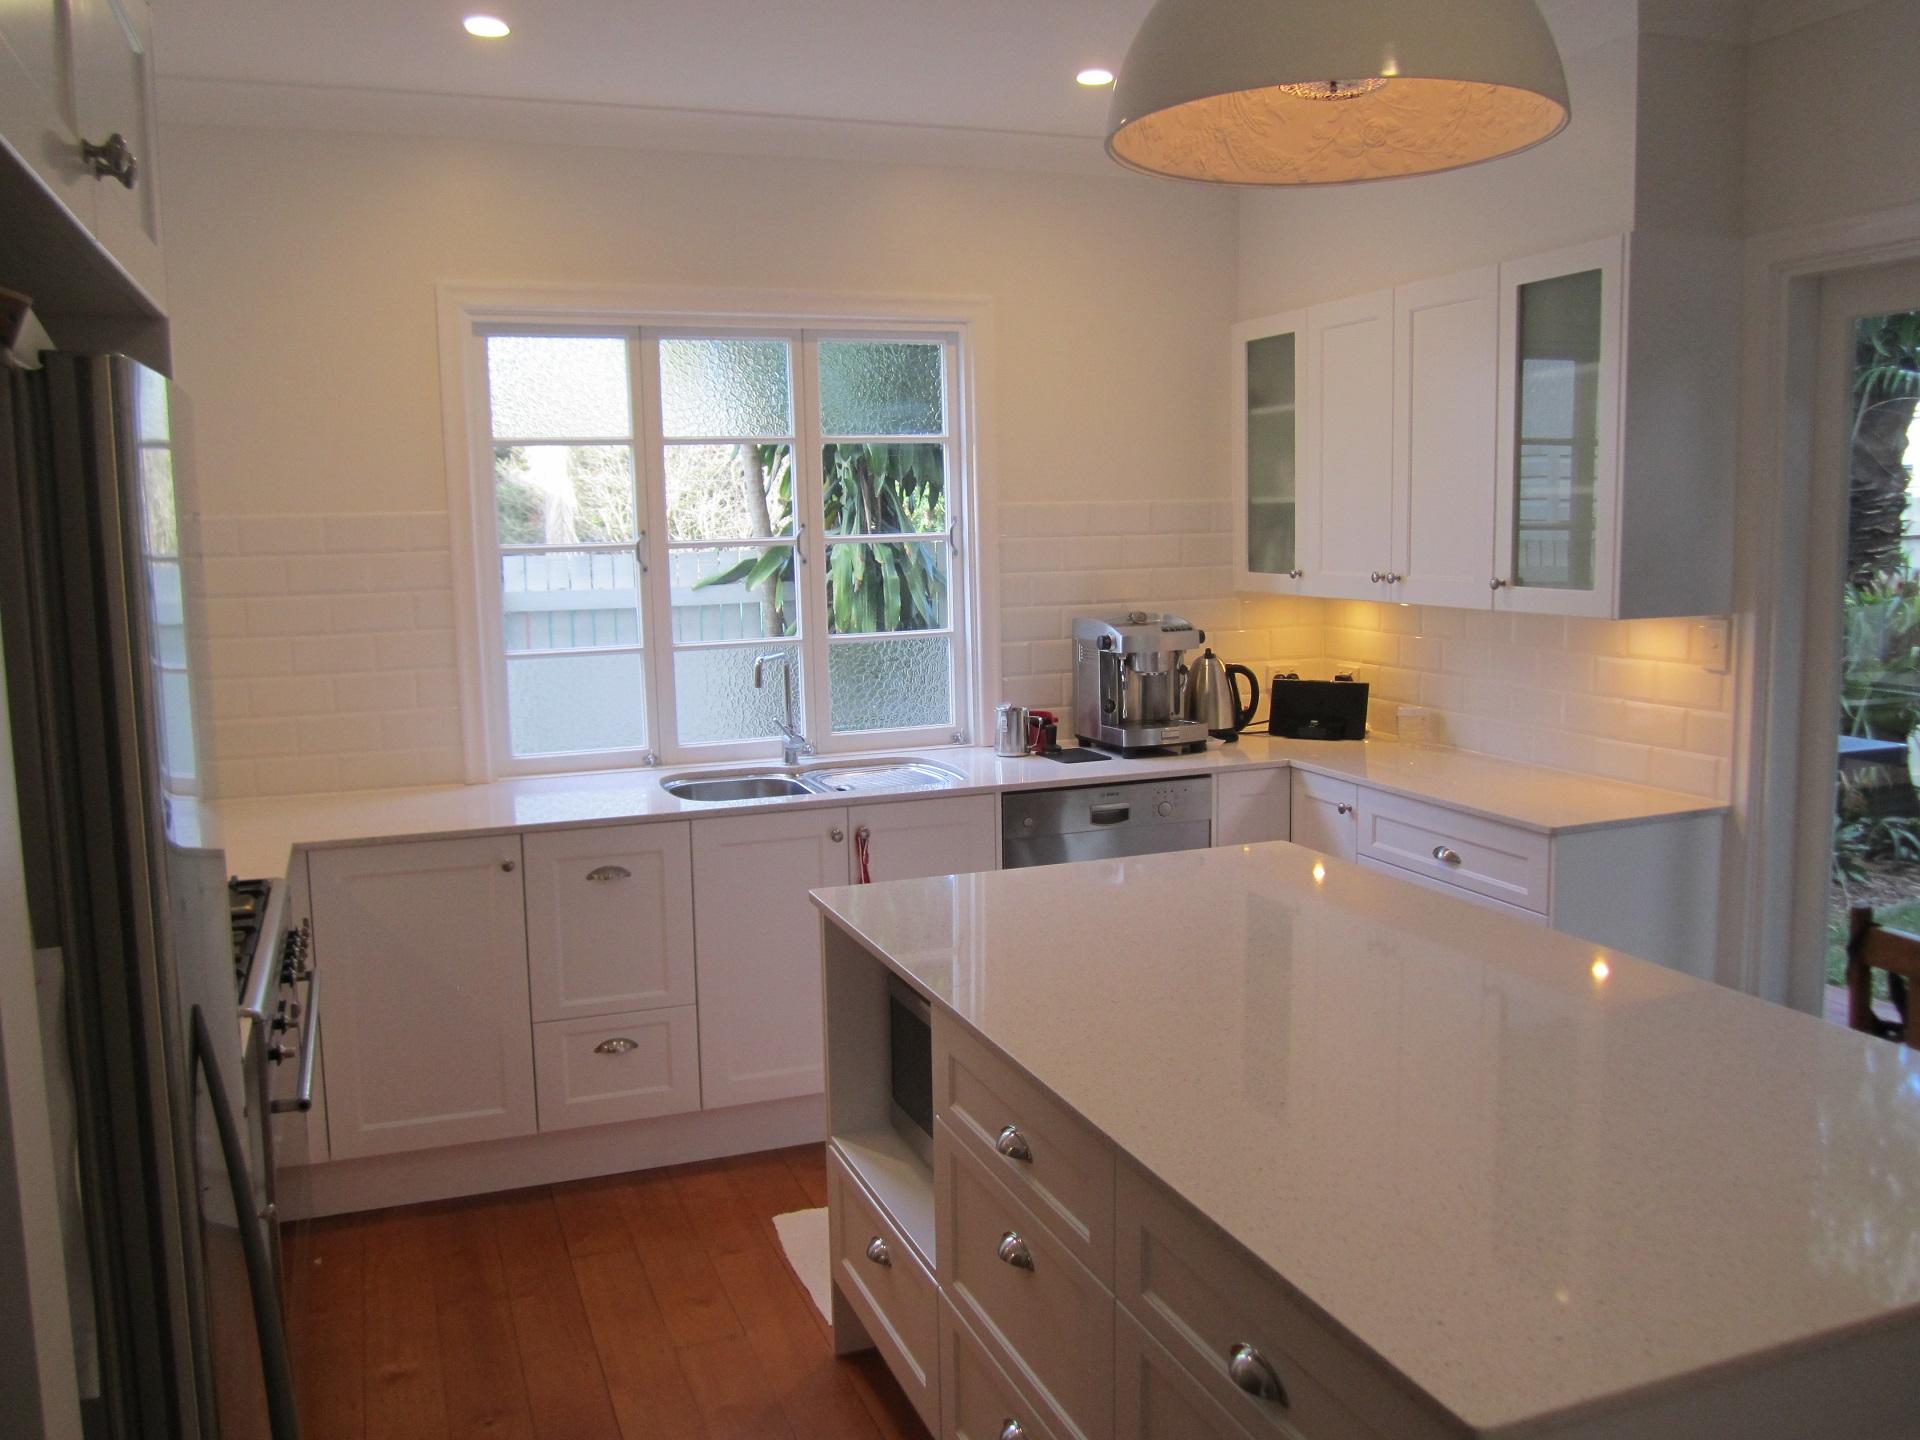 brisbane-kitchen-design-windsor-shaker-kitchen4